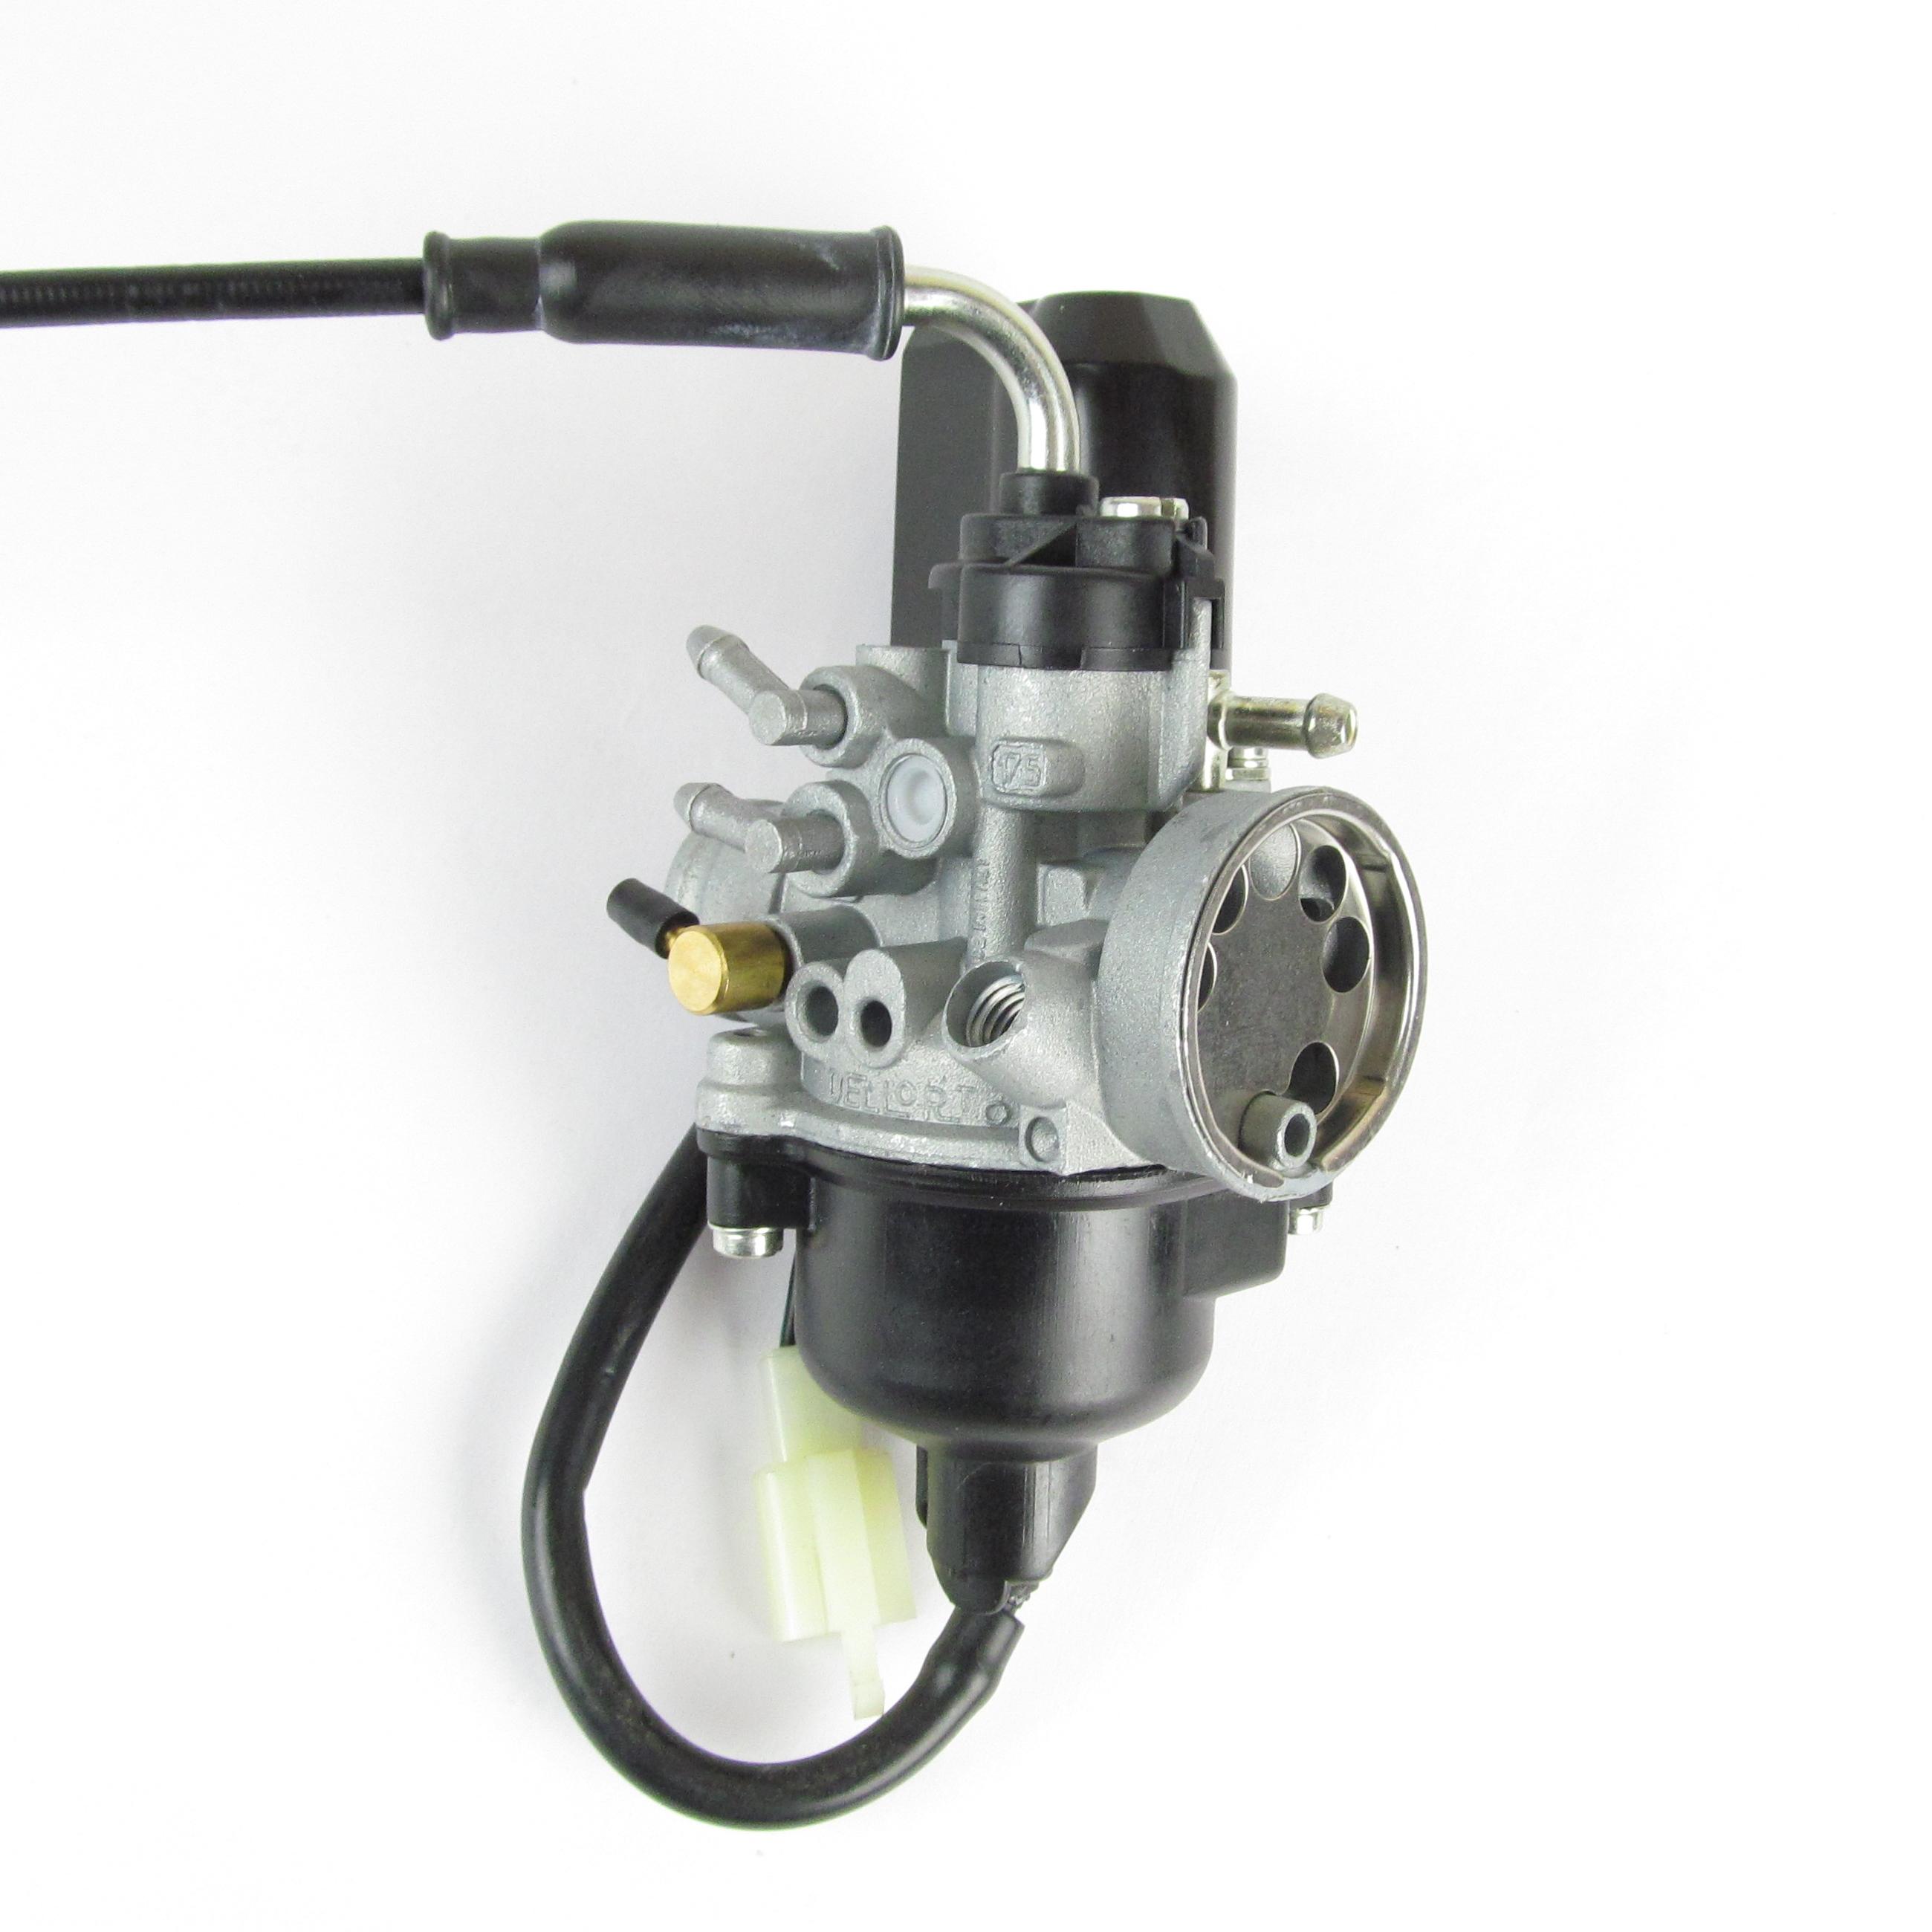 r8424 dellorto phva 17 5 id carburettor eurocarb